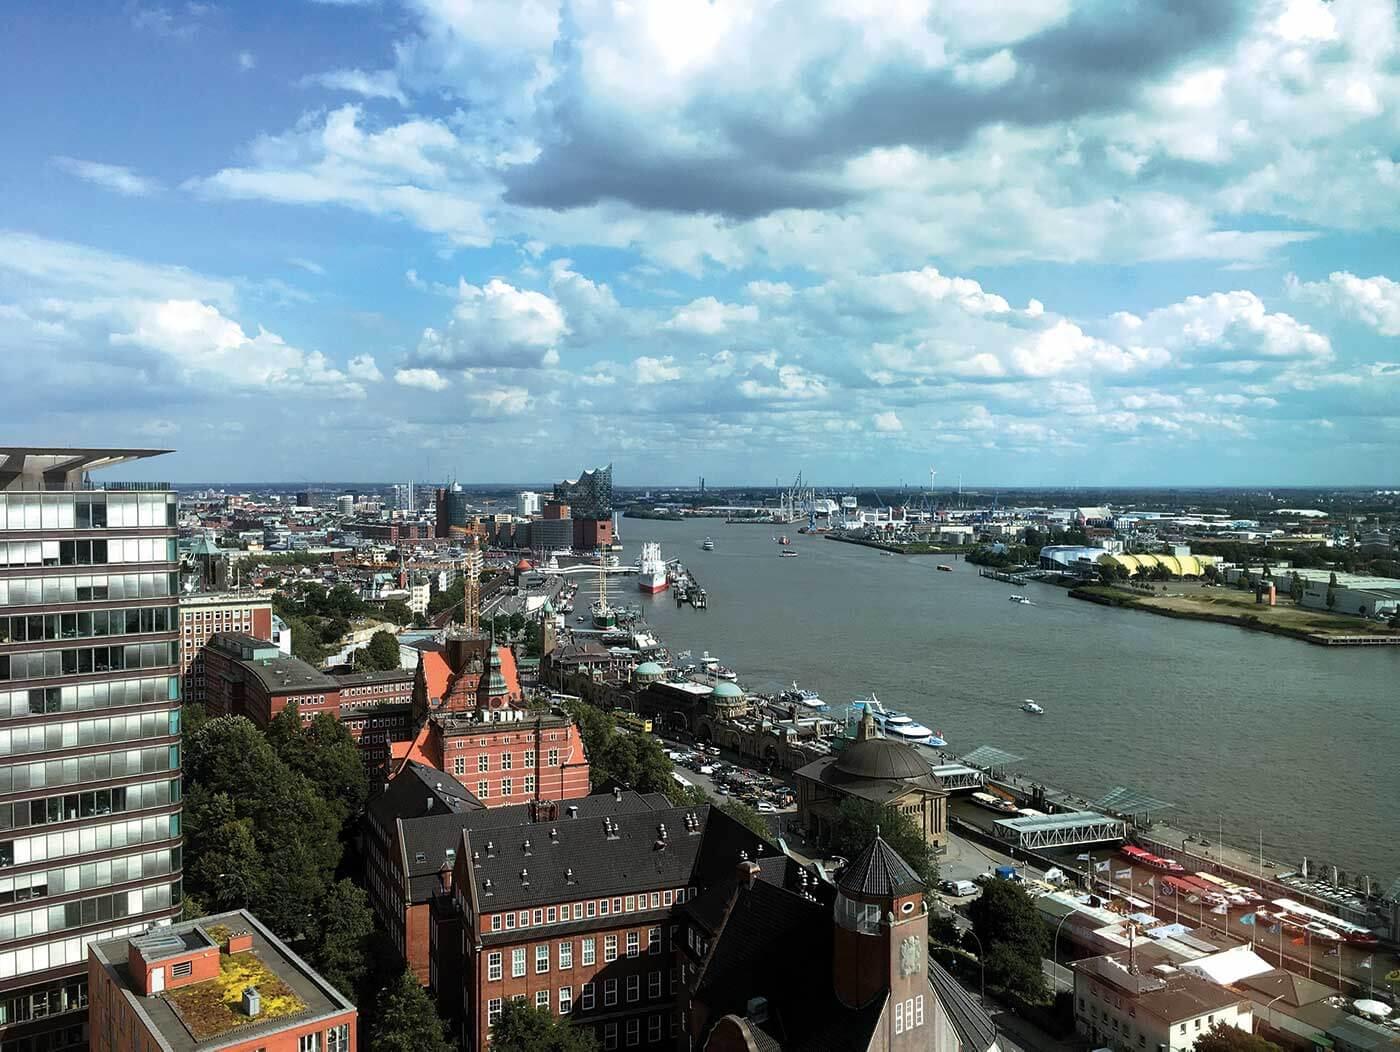 Byvandringer med Rønshoved Højskole i millionmetropolen Hamborg